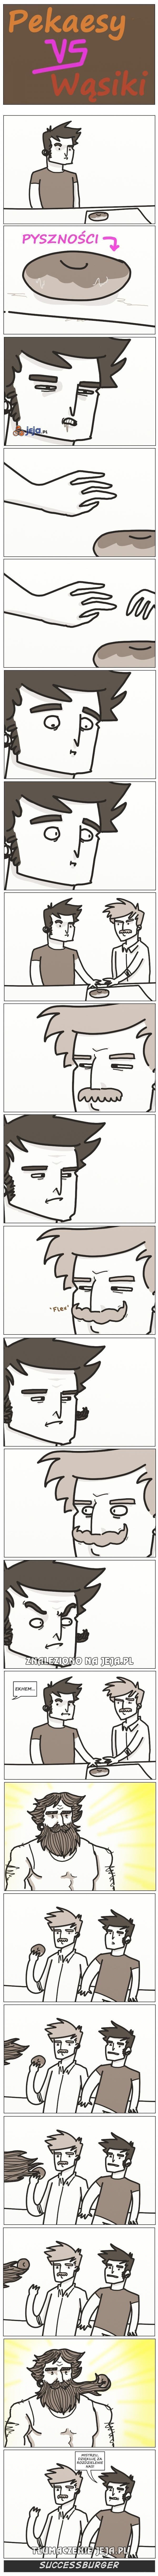 Pekaesy kontra wąsiki